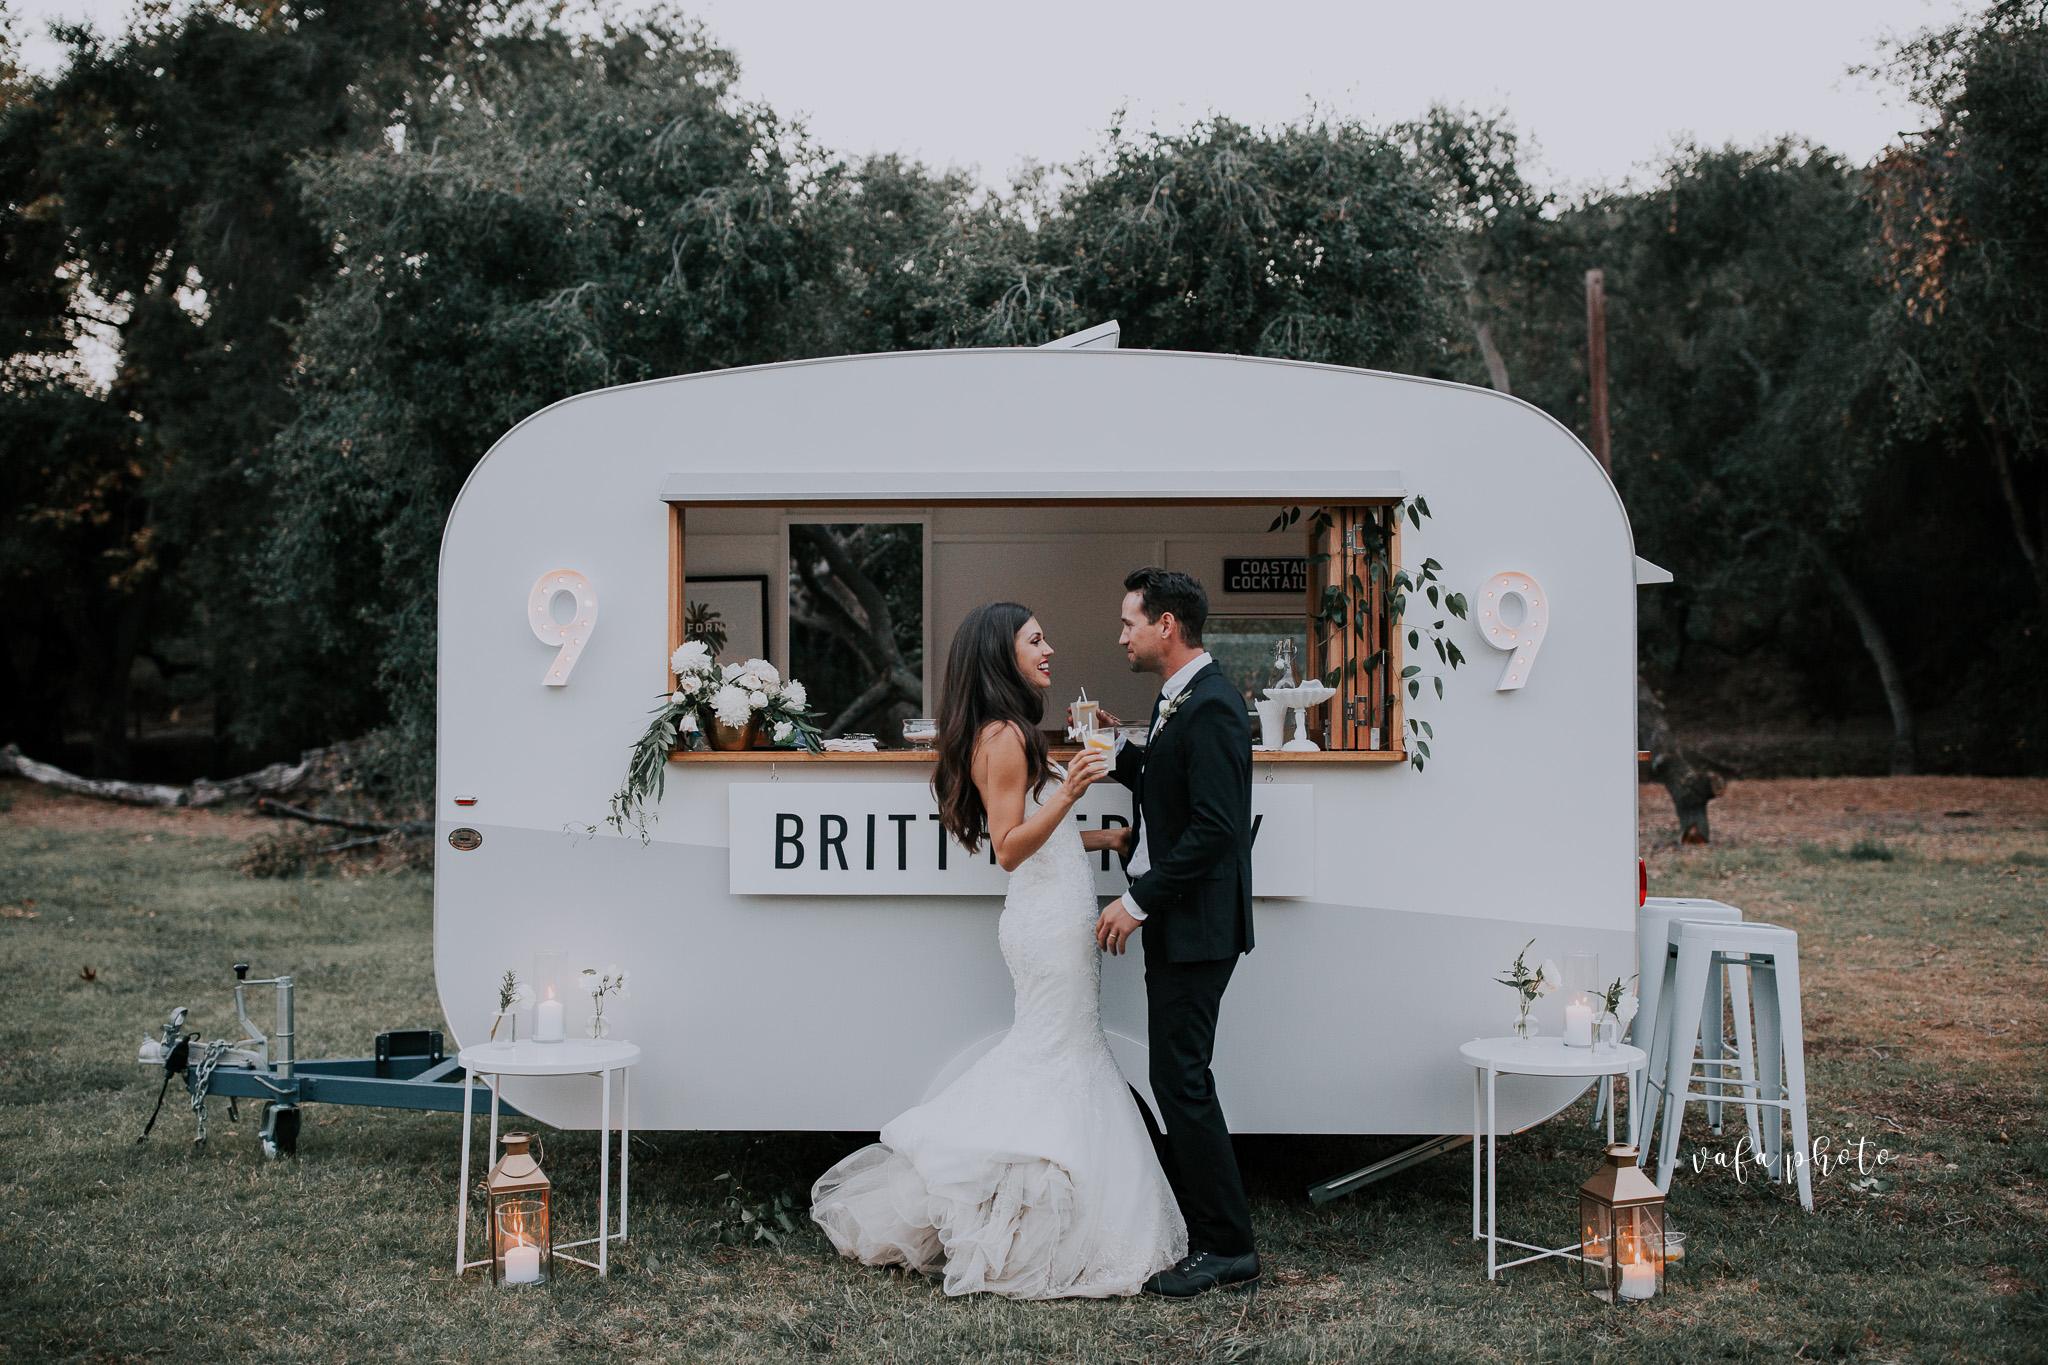 Southern-California-Wedding-Britt-Nilsson-Jeremy-Byrne-Vafa-Photo-840.jpg